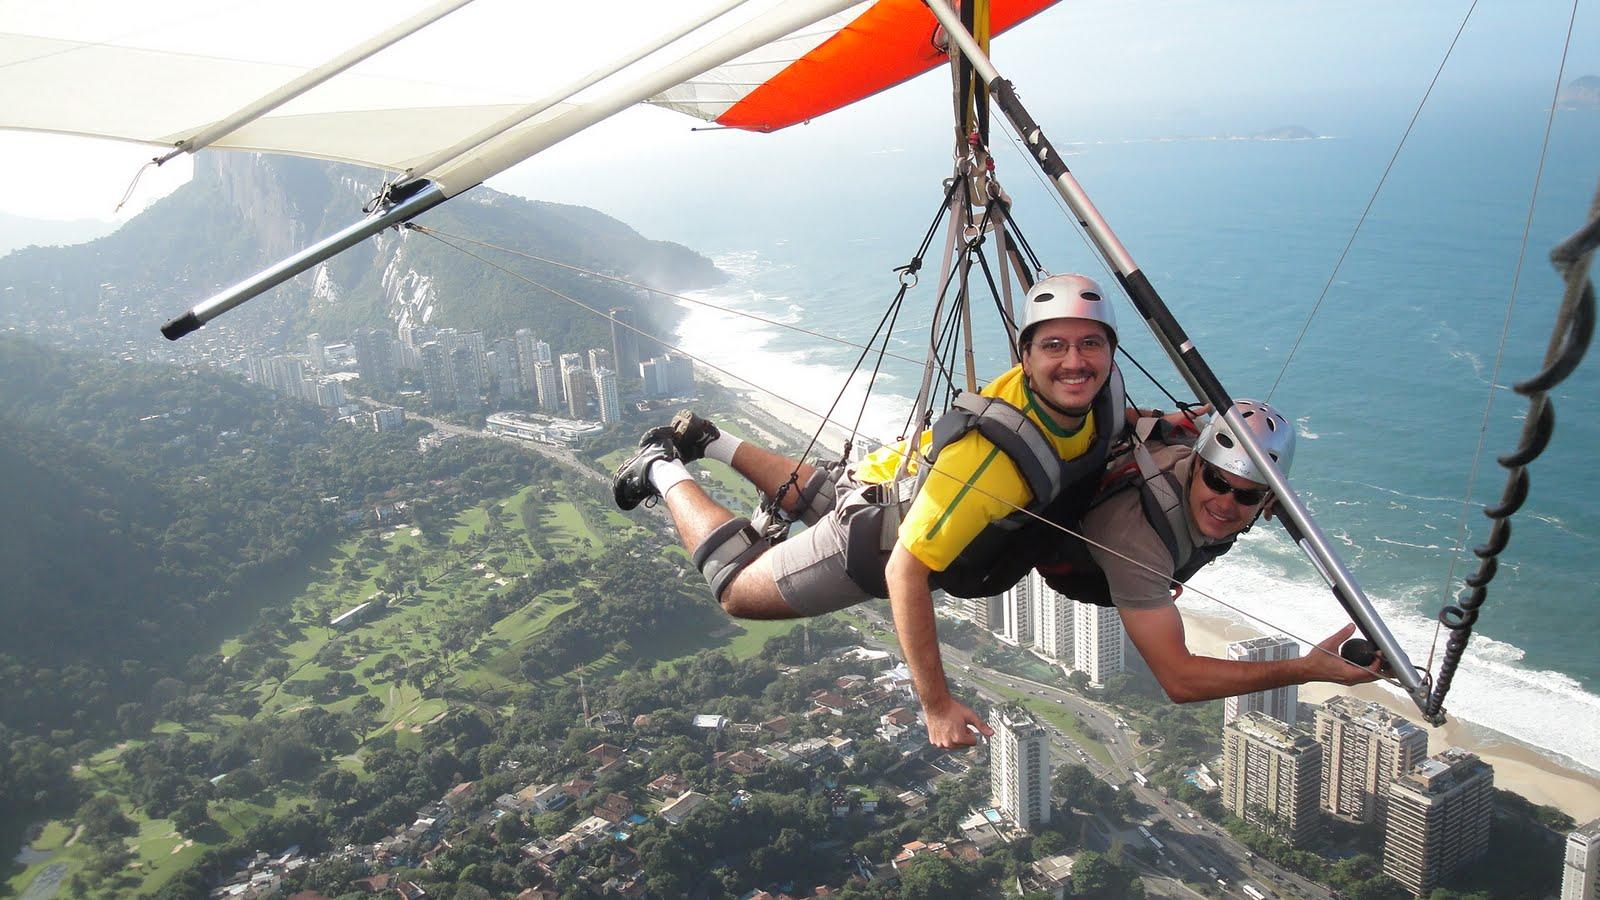 Vídeo do meu vôo de Asa Delta no Rio de Janeiro. - YouTube